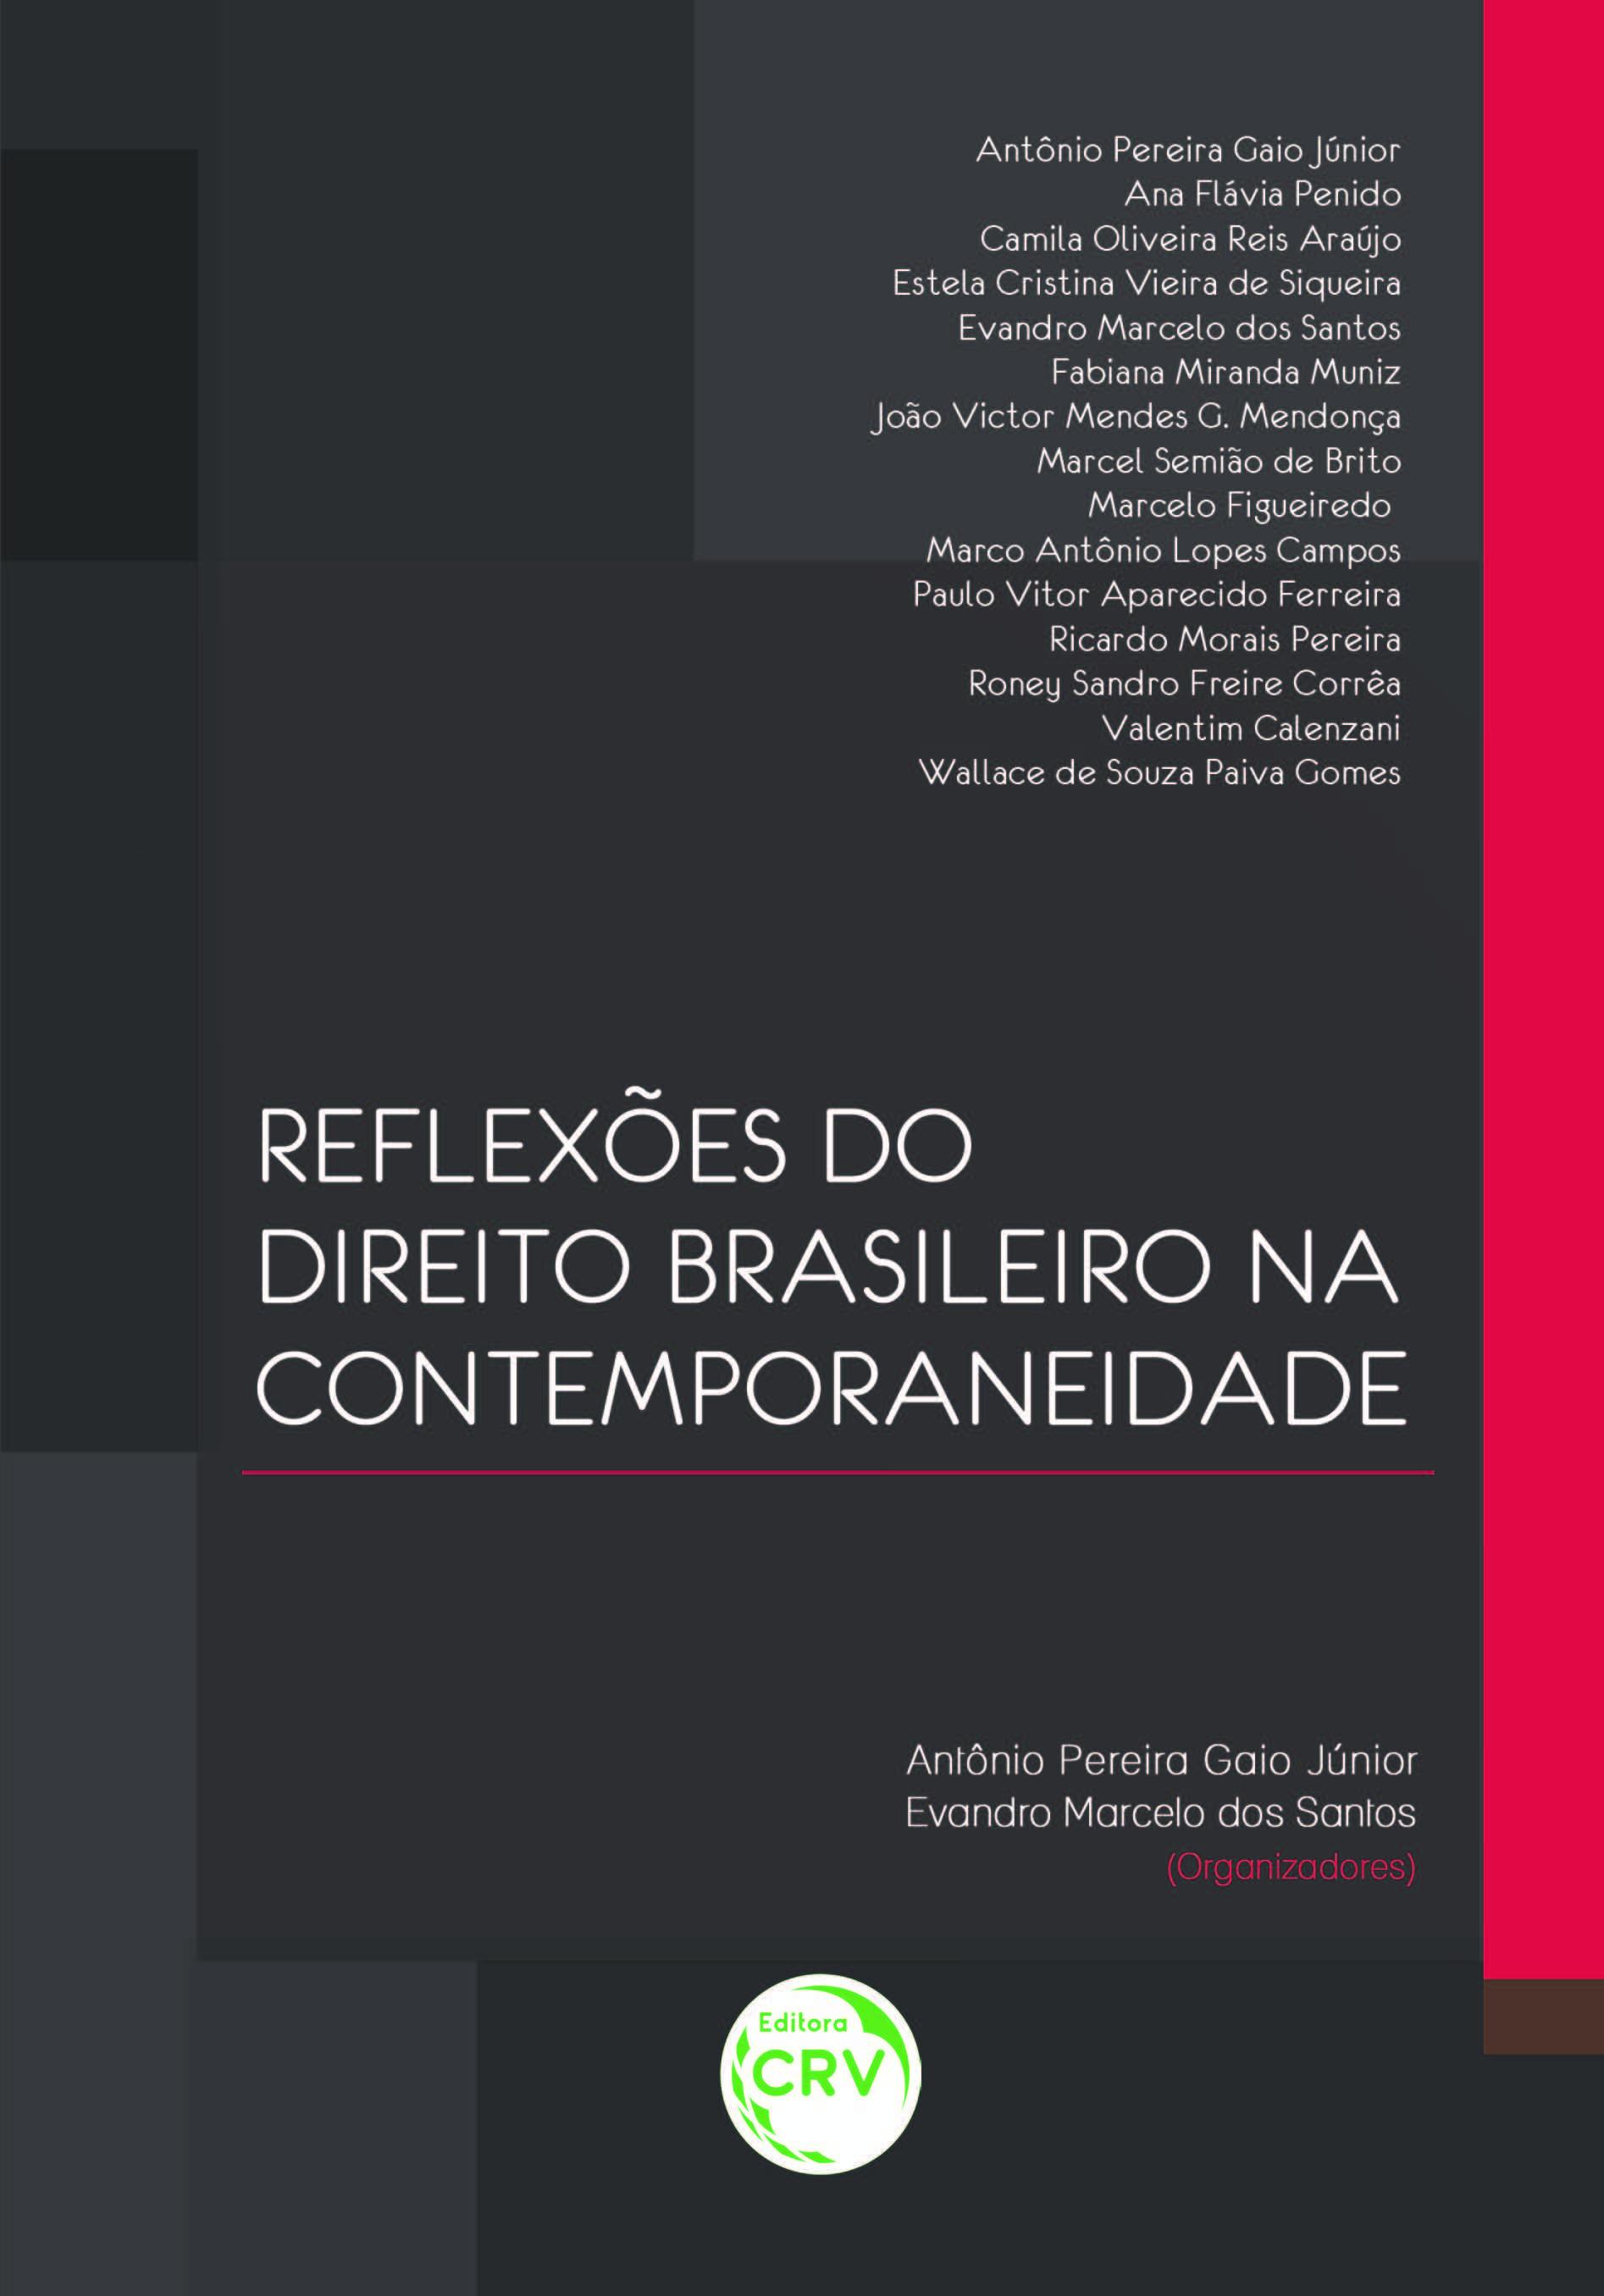 Capa do livro: REFLEXÕES DO DIREITO BRASILEIRO NA CONTEMPORANEIDADE